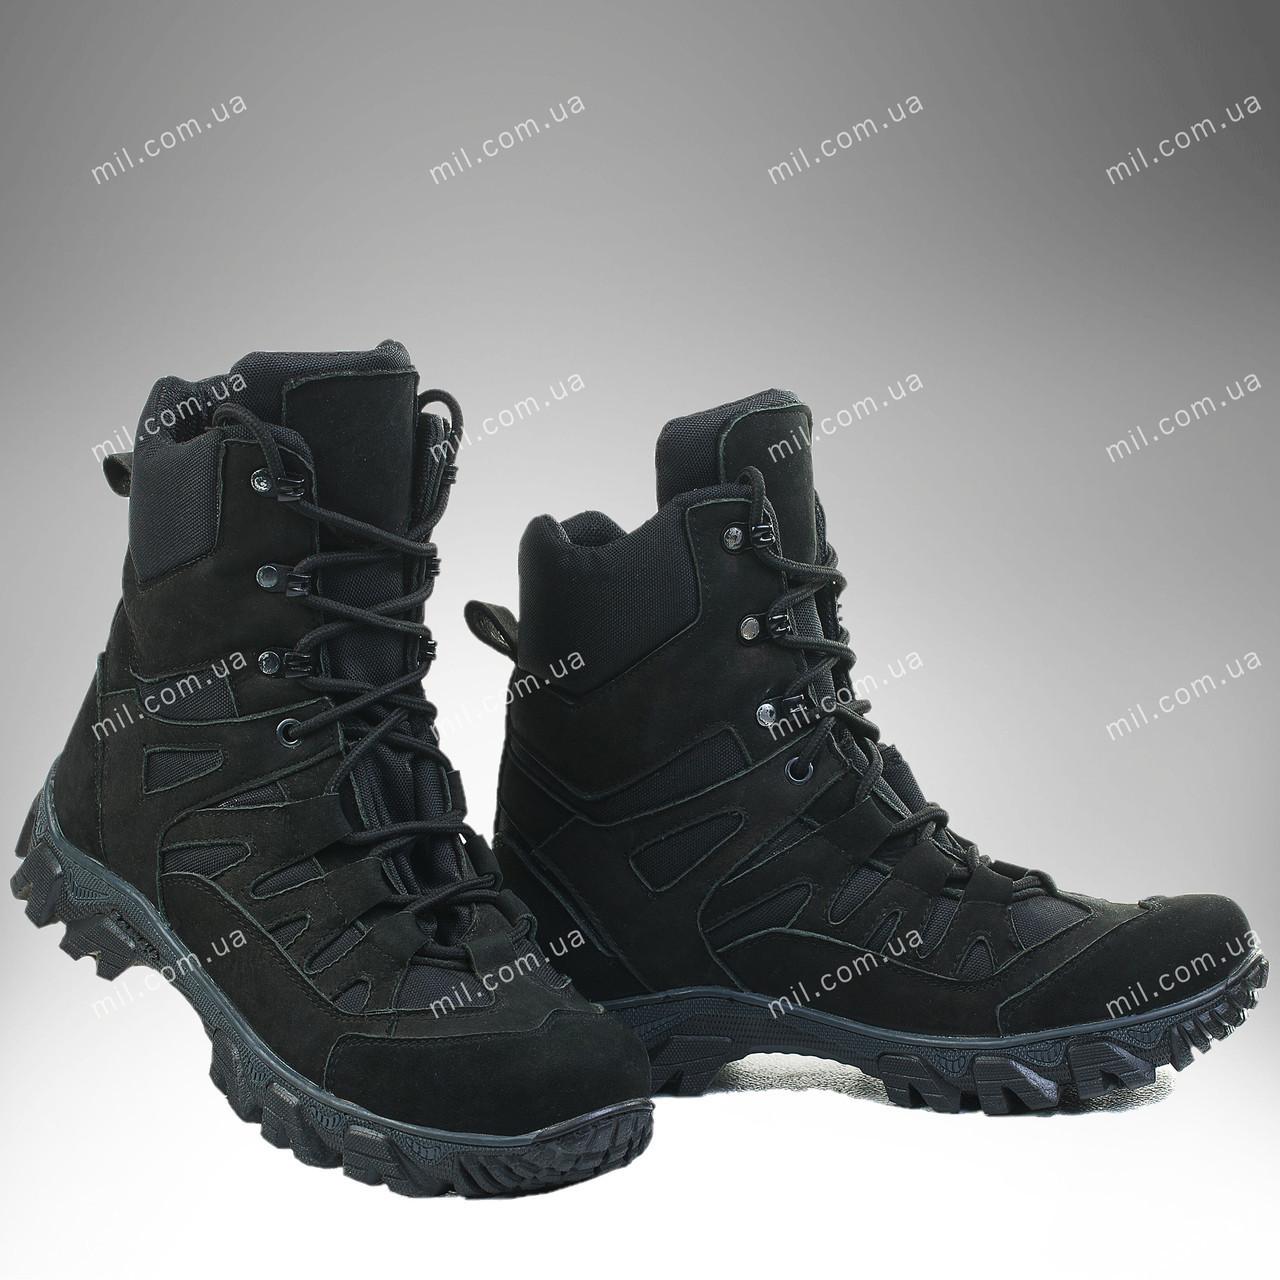 Зимняя военная обувь / тактические берцы ЦЕНТУРИОН (black)